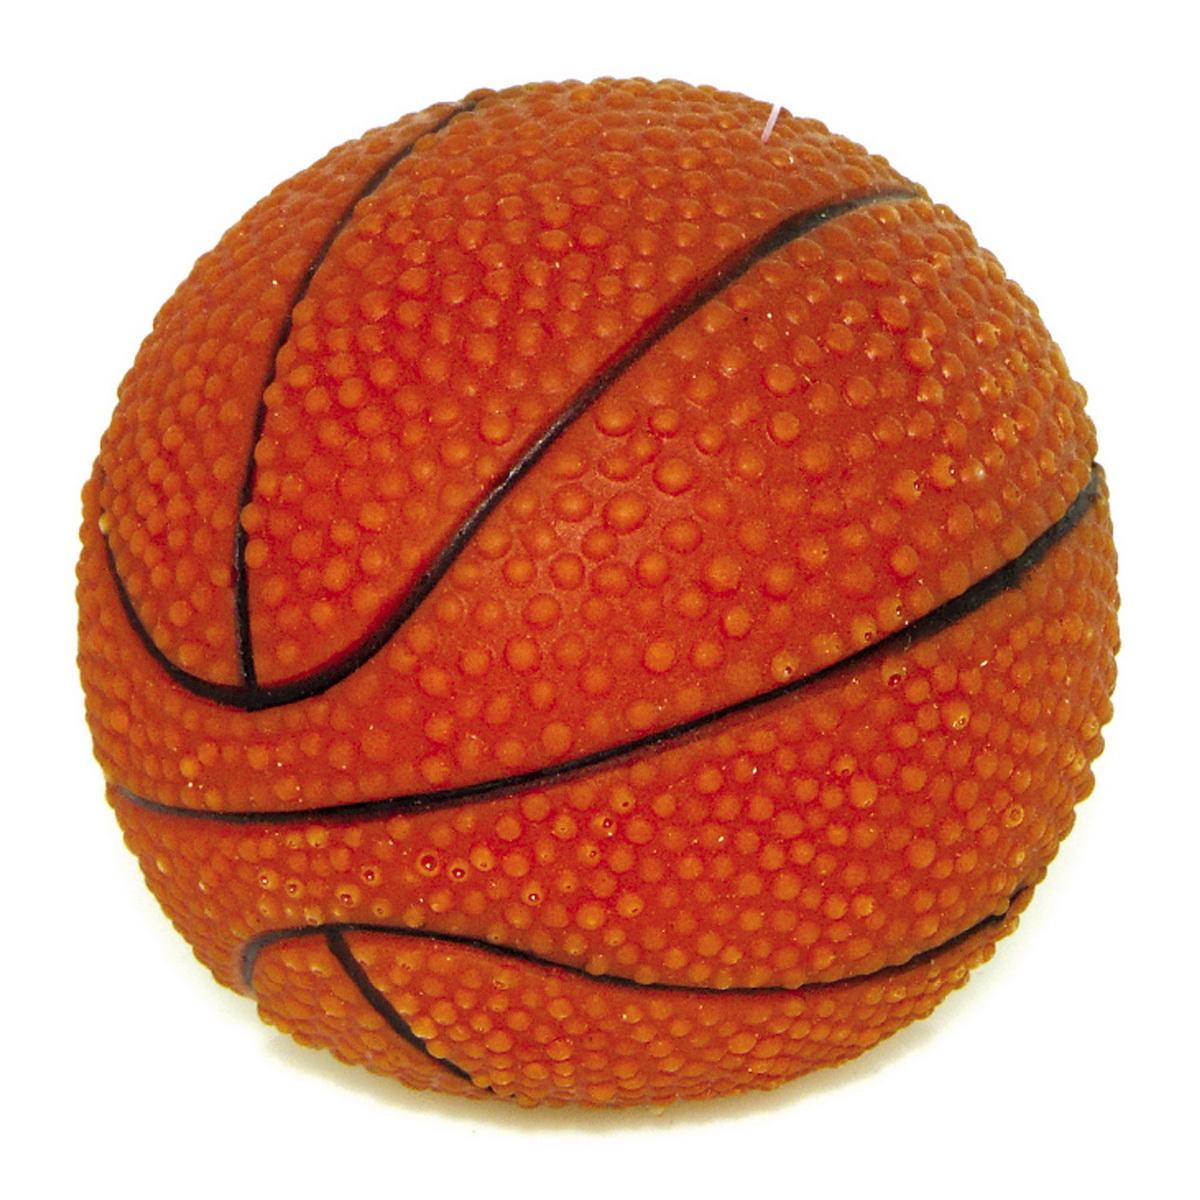 Игрушка для собак Dezzie Мяч. Баскетбол, диаметр 7,5 см12171996Игрушка для собак Dezzie Мяч. Баскетбол изготовлена из винила в виде баскетбольного мяча. Такая игрушка практична, функциональна и совершенно безопасна для здоровья животного. Ее легко мыть и дезинфицировать. Игрушка очень легкая, поэтому собаке совсем нетрудно брать ее в пасть и переносить с места на место. Игрушка для собак Dezzie Мяч. Баскетбол станет прекрасным подарком для неугомонного четвероногого питомца.Диаметр мяча: 7,5 см.